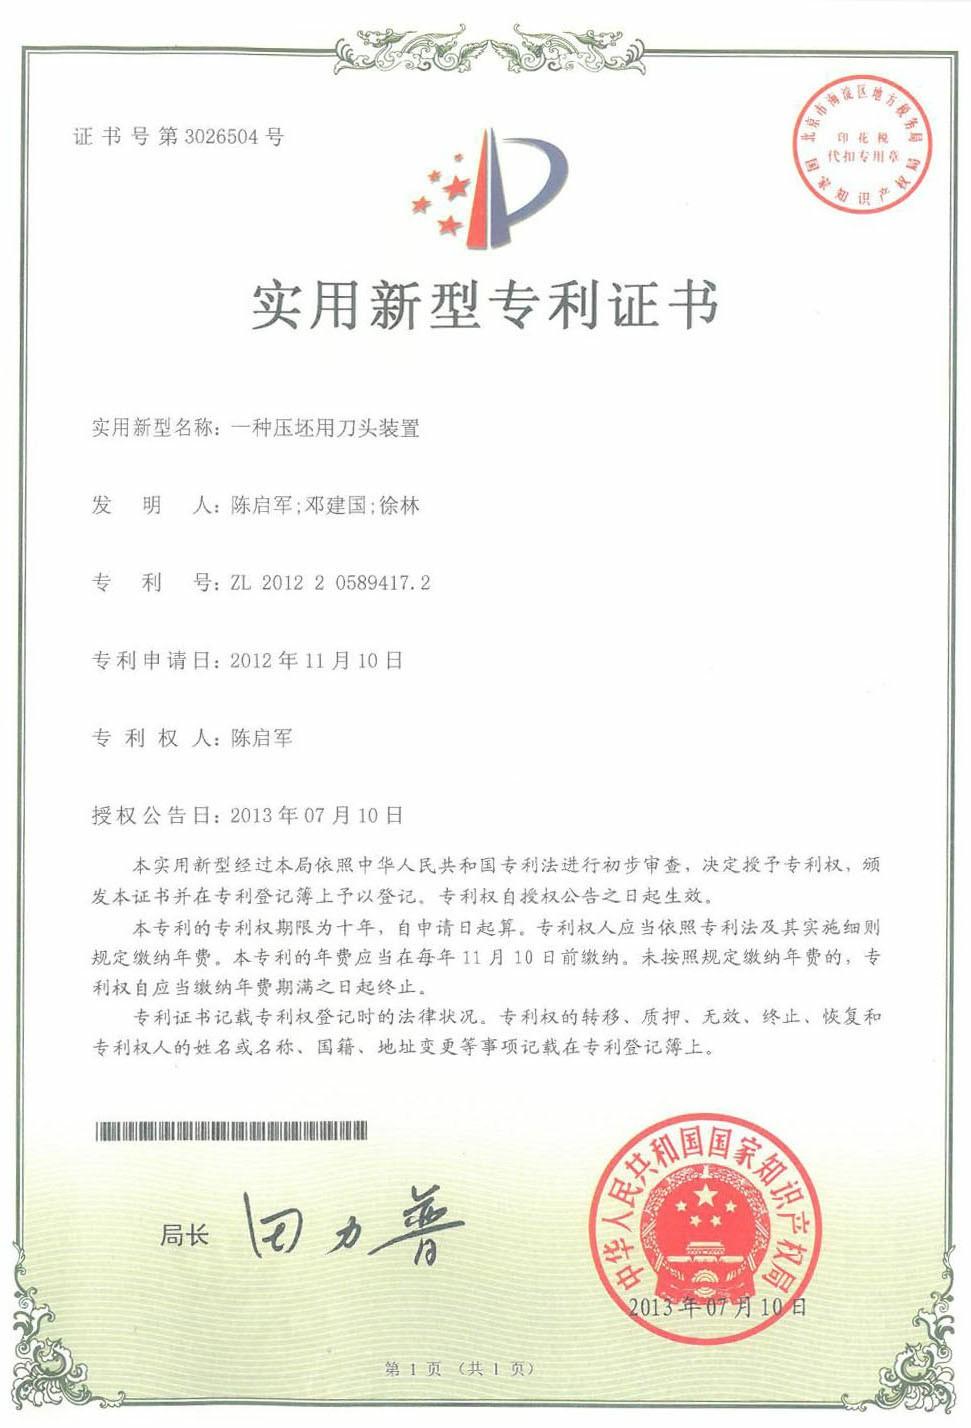 實用新型專利證書~1